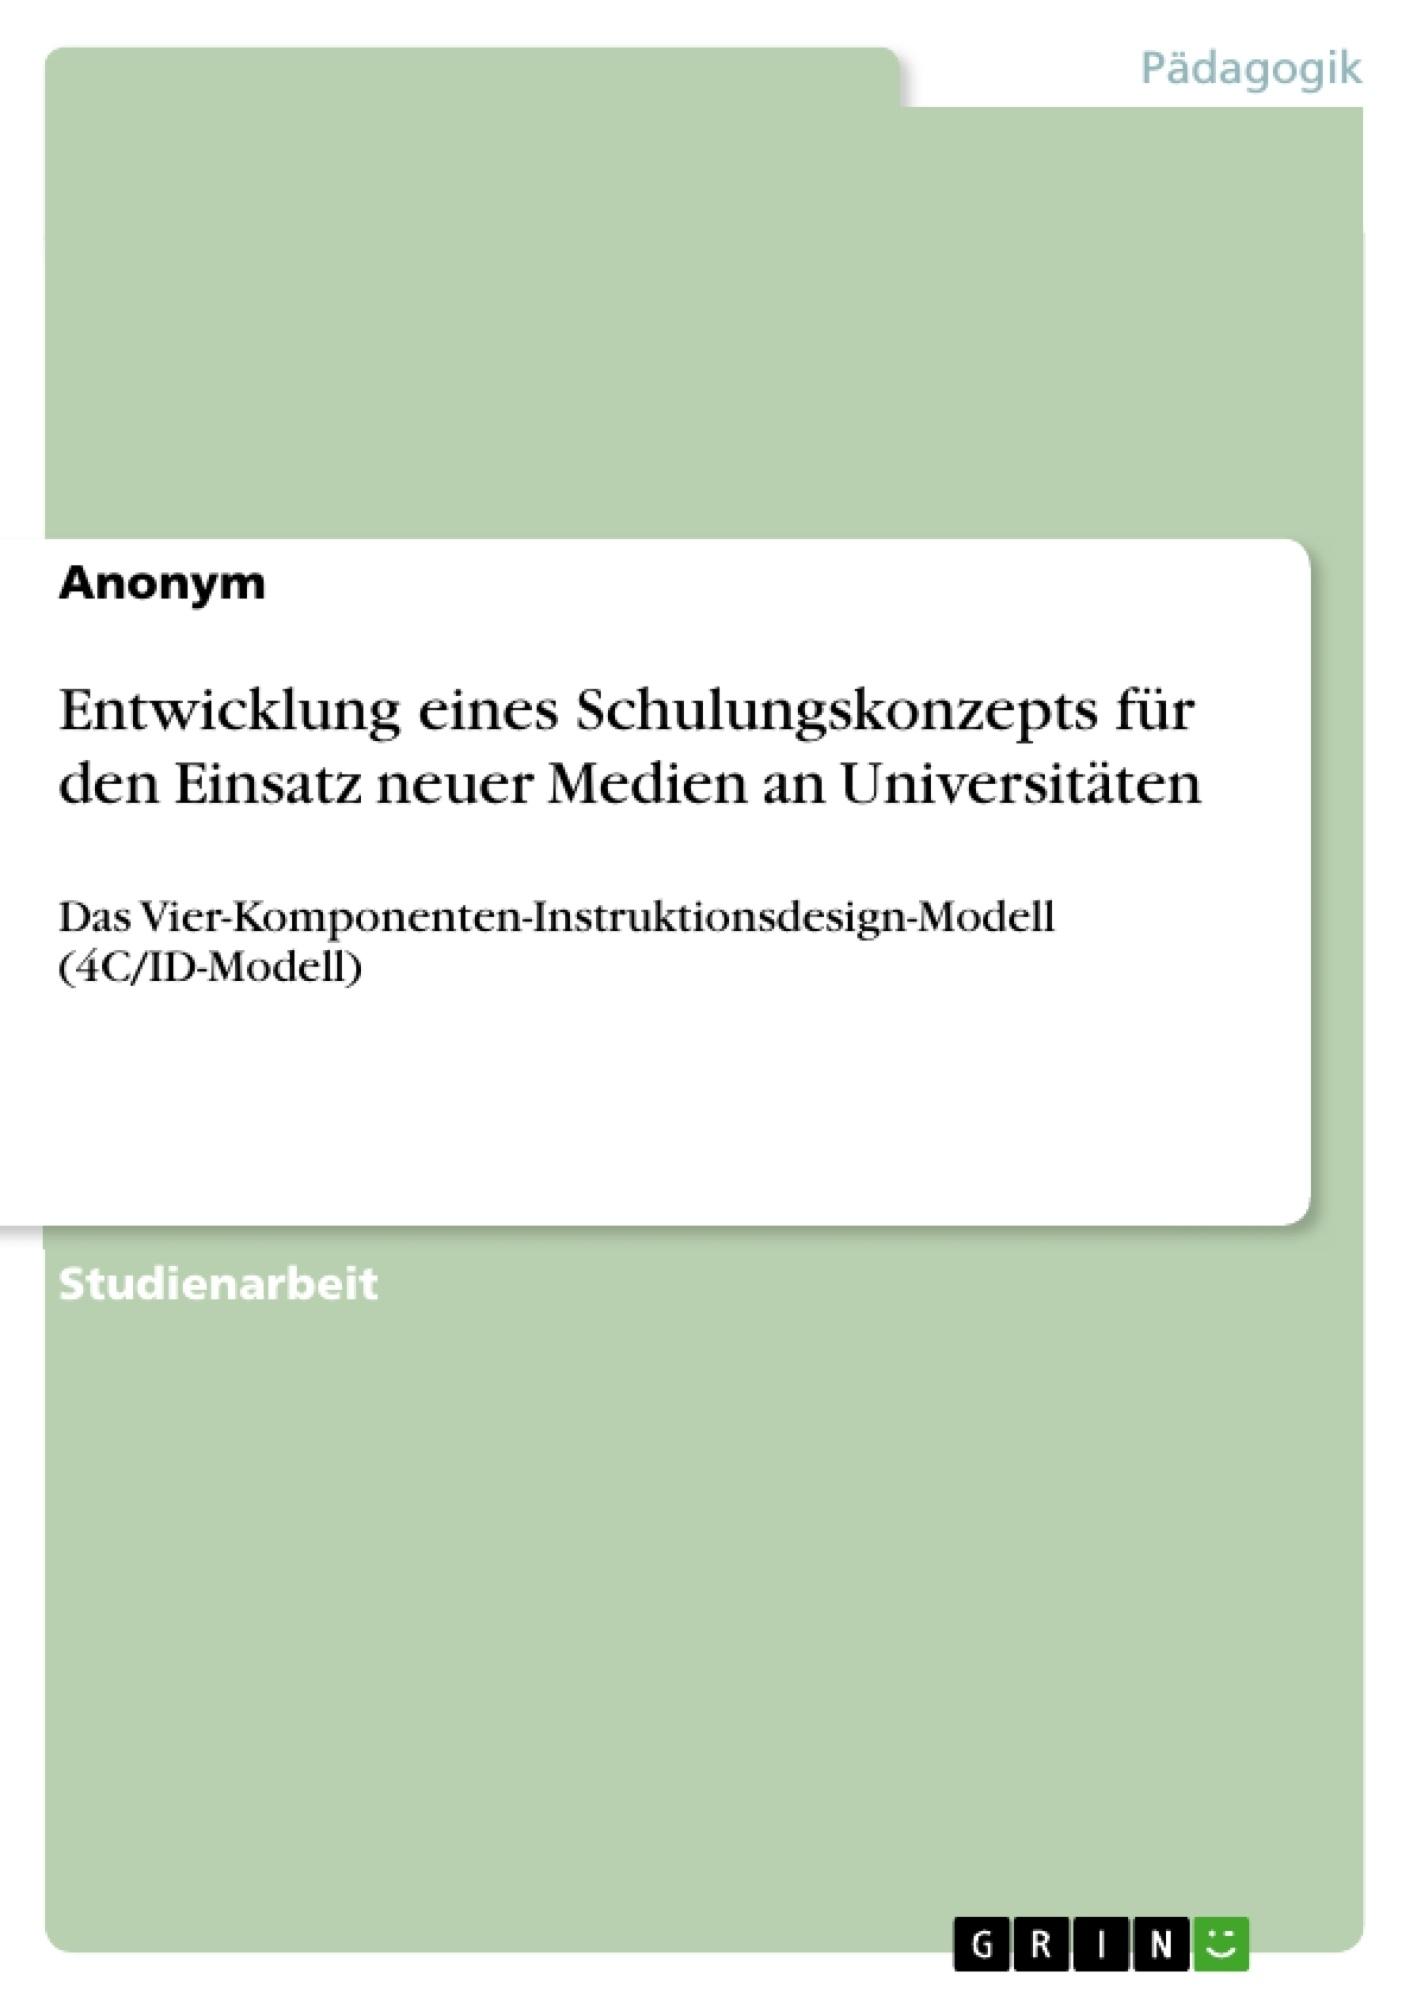 Titel: Entwicklung eines Schulungskonzepts für den Einsatz neuer Medien an Universitäten